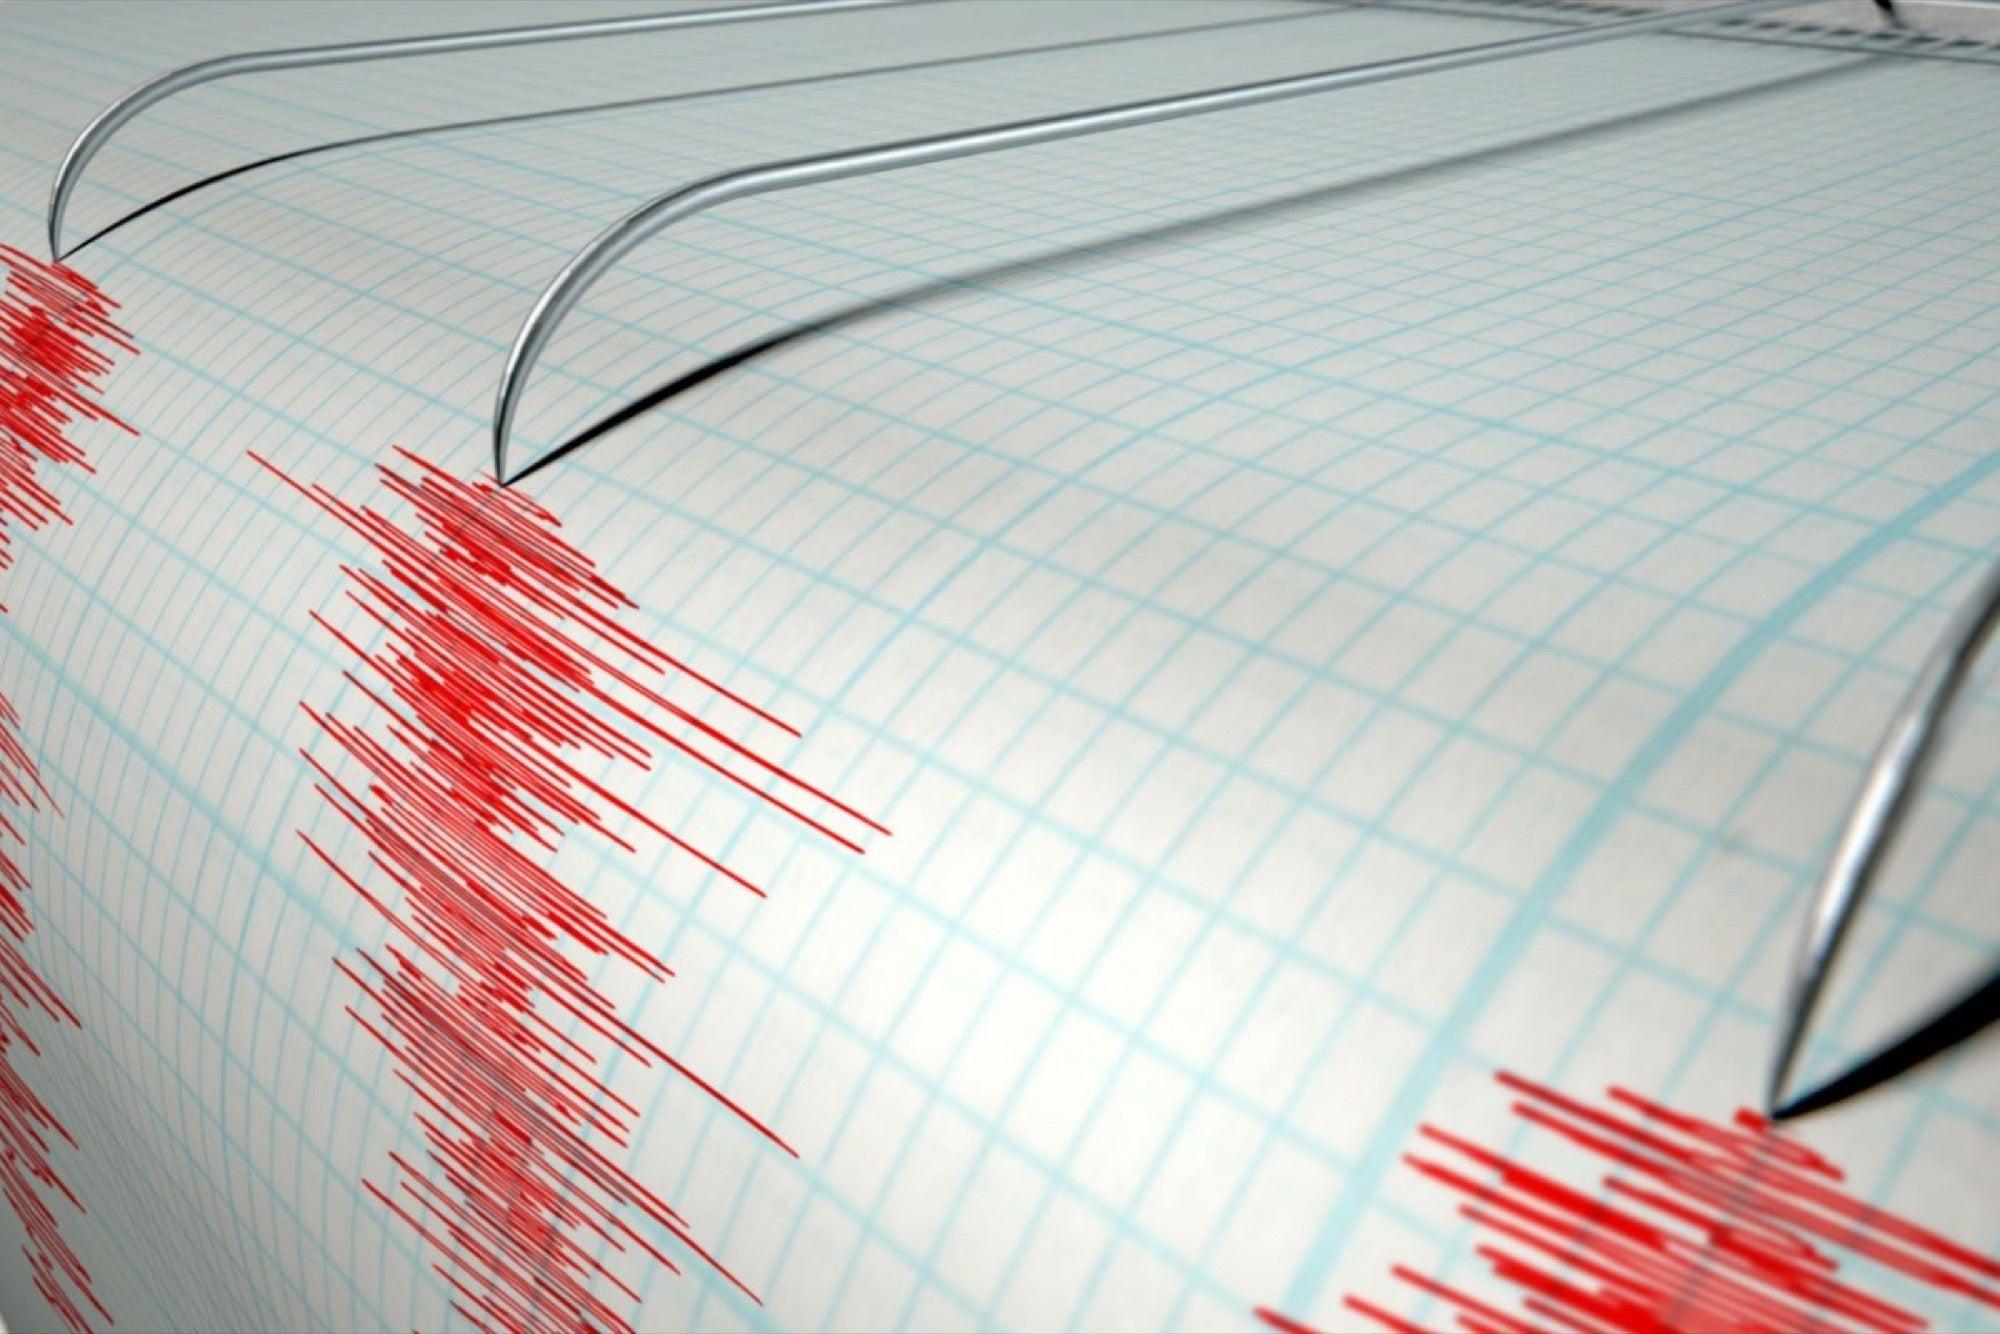 Este sábado en horas de la mañana se registró un sismo de magnitud 3.9 en Margarita